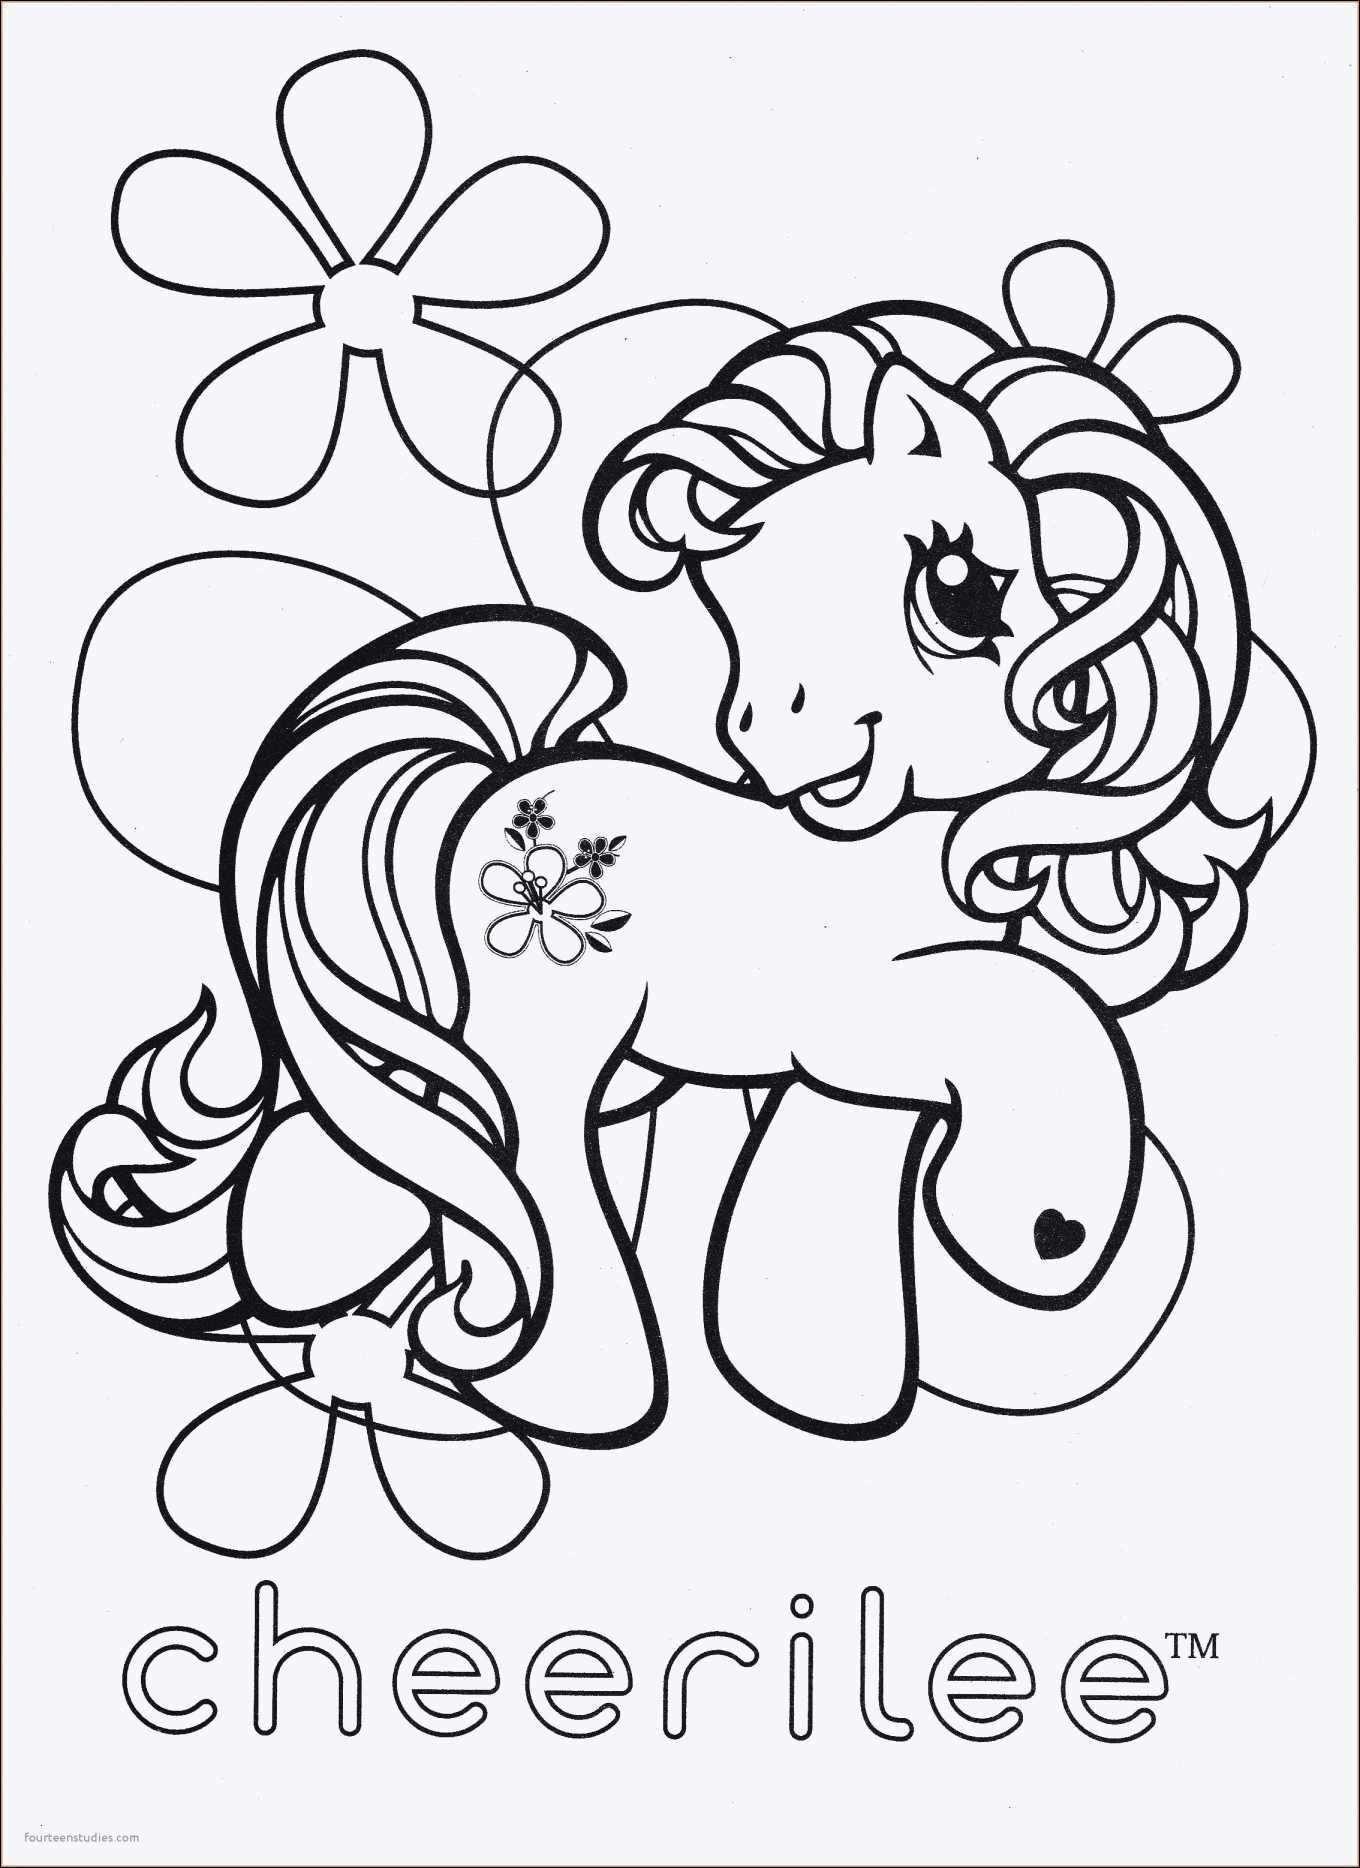 My Little Pony Ausmalbilder Kostenlos Das Beste Von My Little Pony Ausmalbilder Kostenlos Zum Drucken Bild 35 My Little Fotografieren